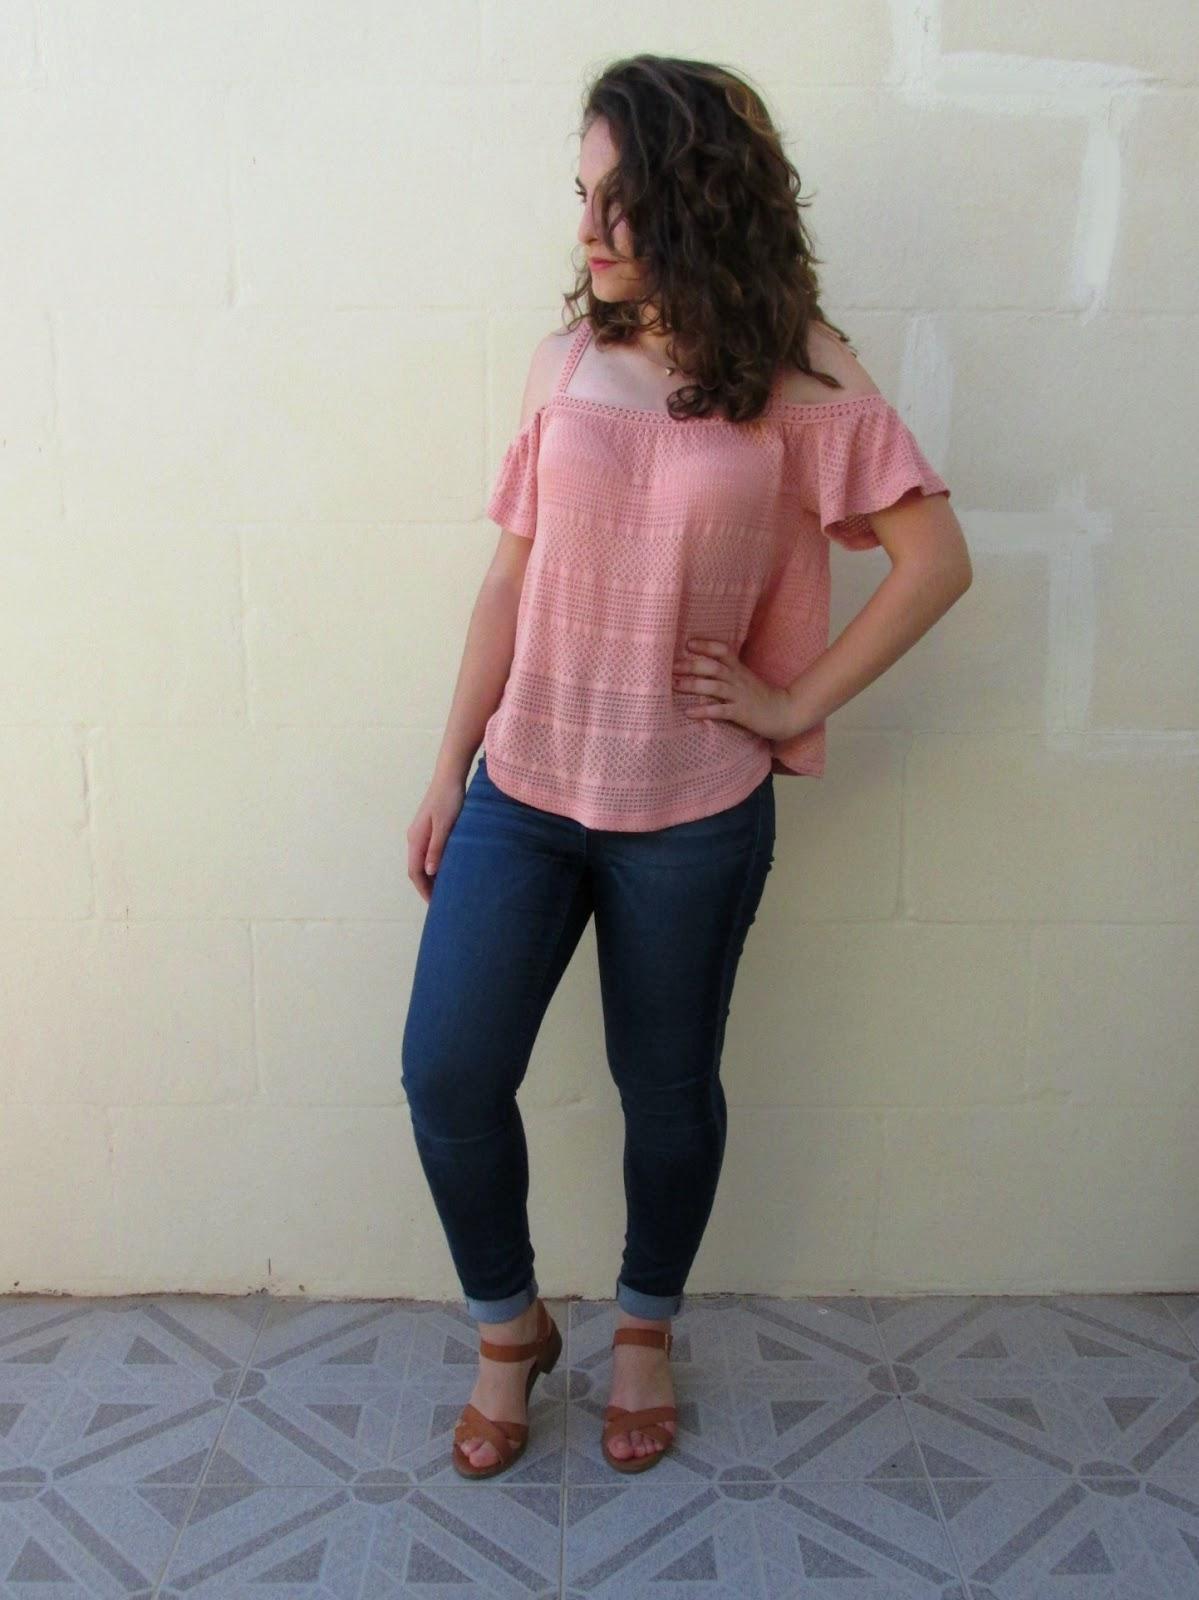 Summer outfit 2016, crochet cold shoulder top, denim jeans, tan cross strap sandals, accessorize pendant necklace